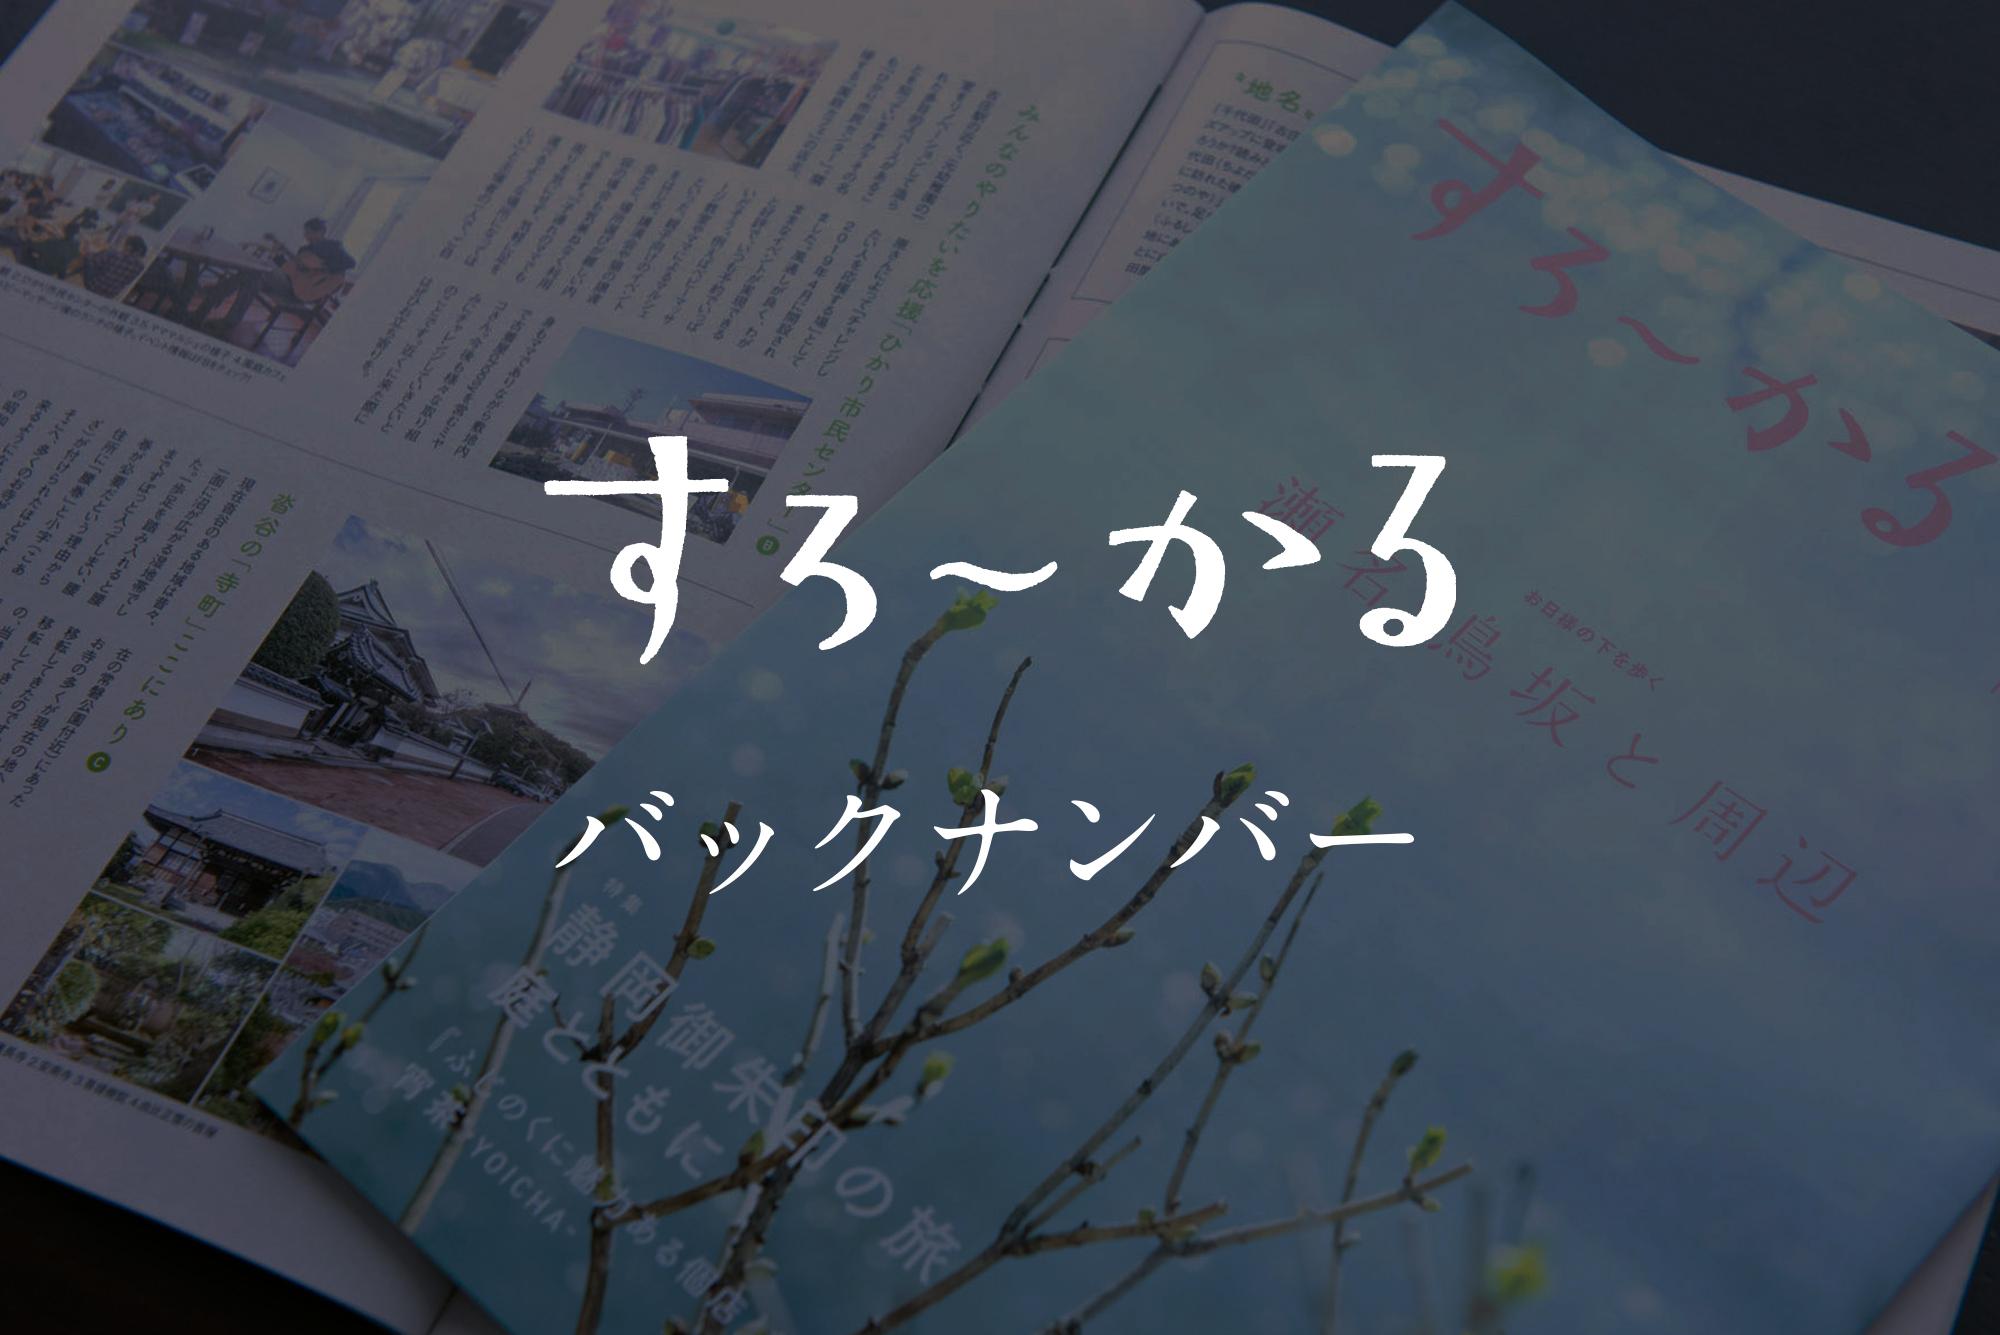 フリーマガジン『すろーかる』バックナンバー